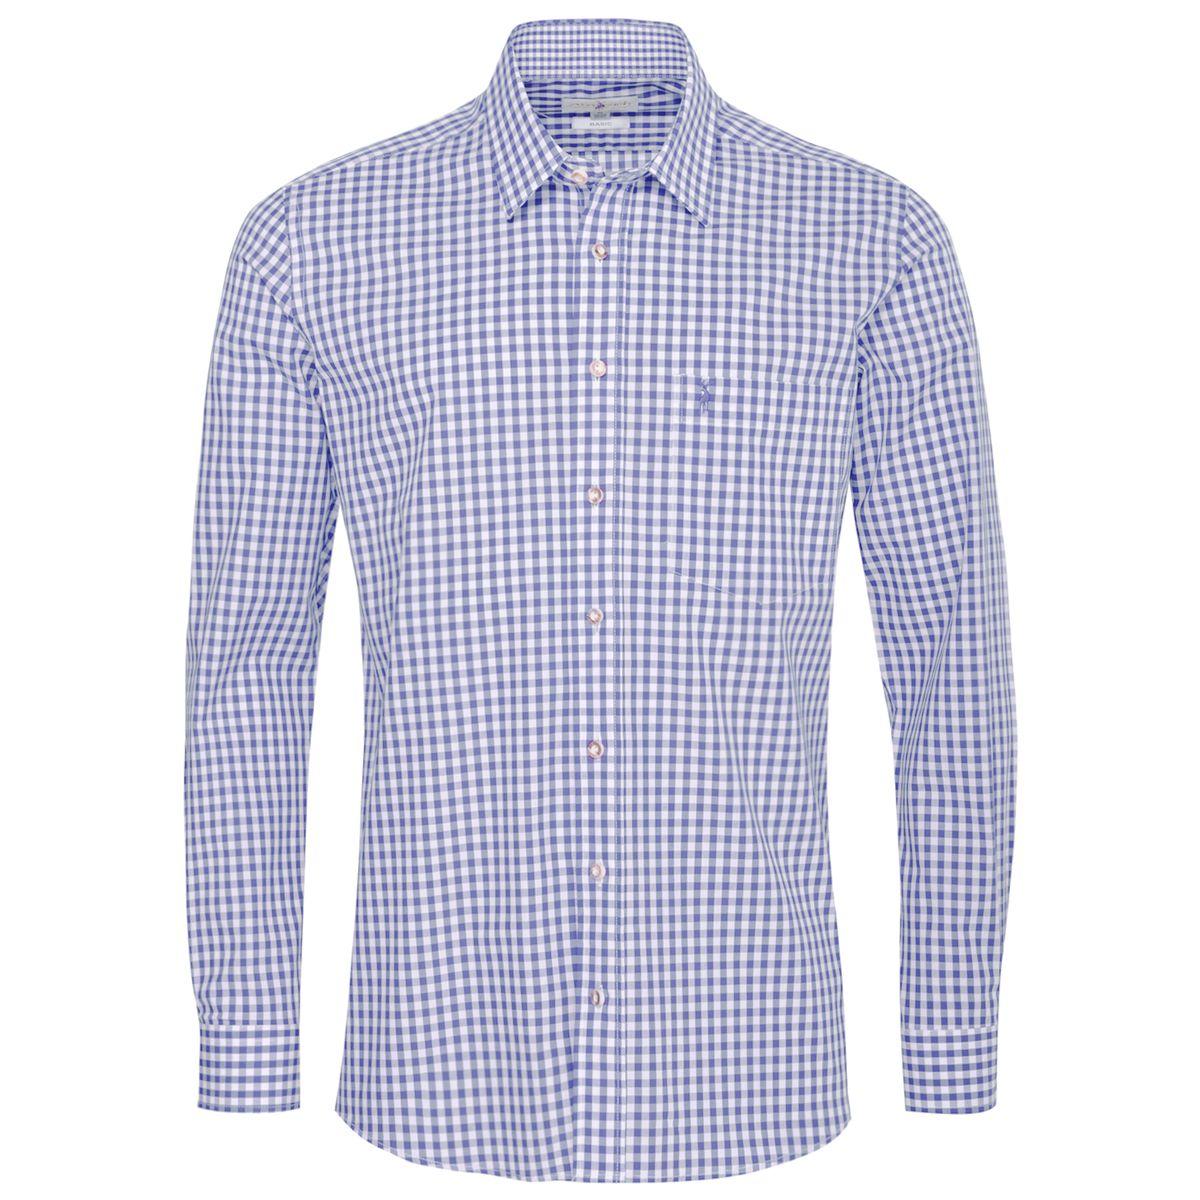 Trachtenhemd Viktor Regular Fit in Hellblau von Almsach günstig online kaufen